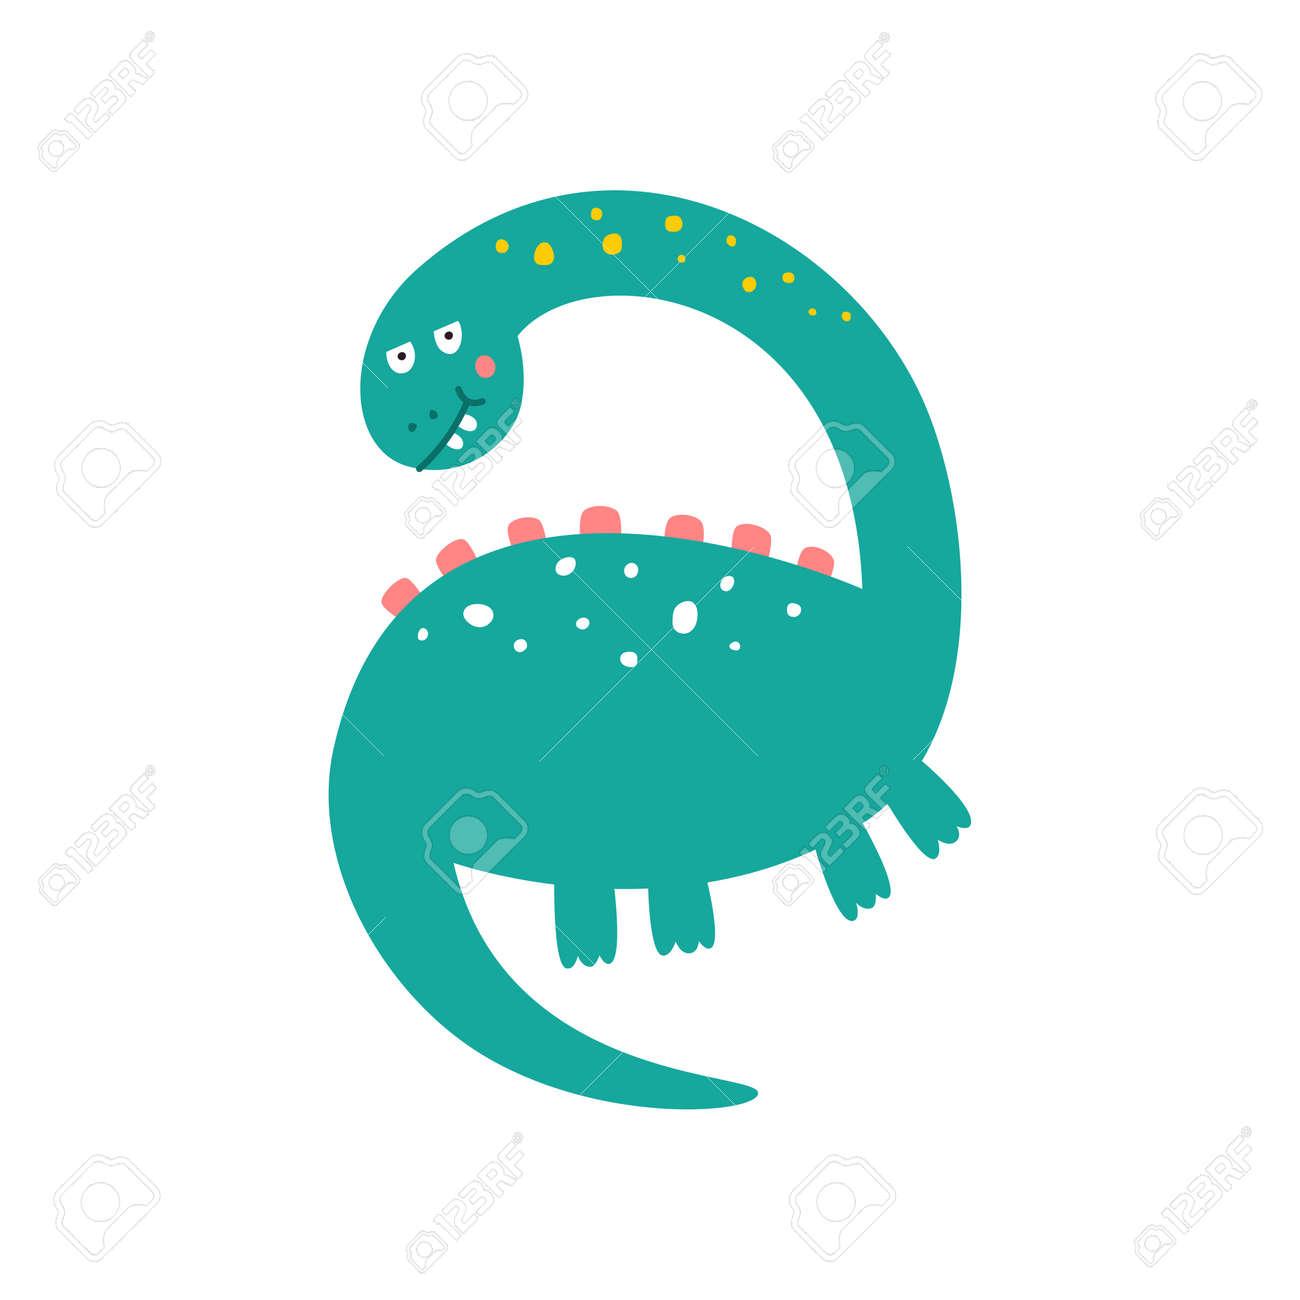 Cute dinosaur drawn as vector for kids fashion. - 169771735